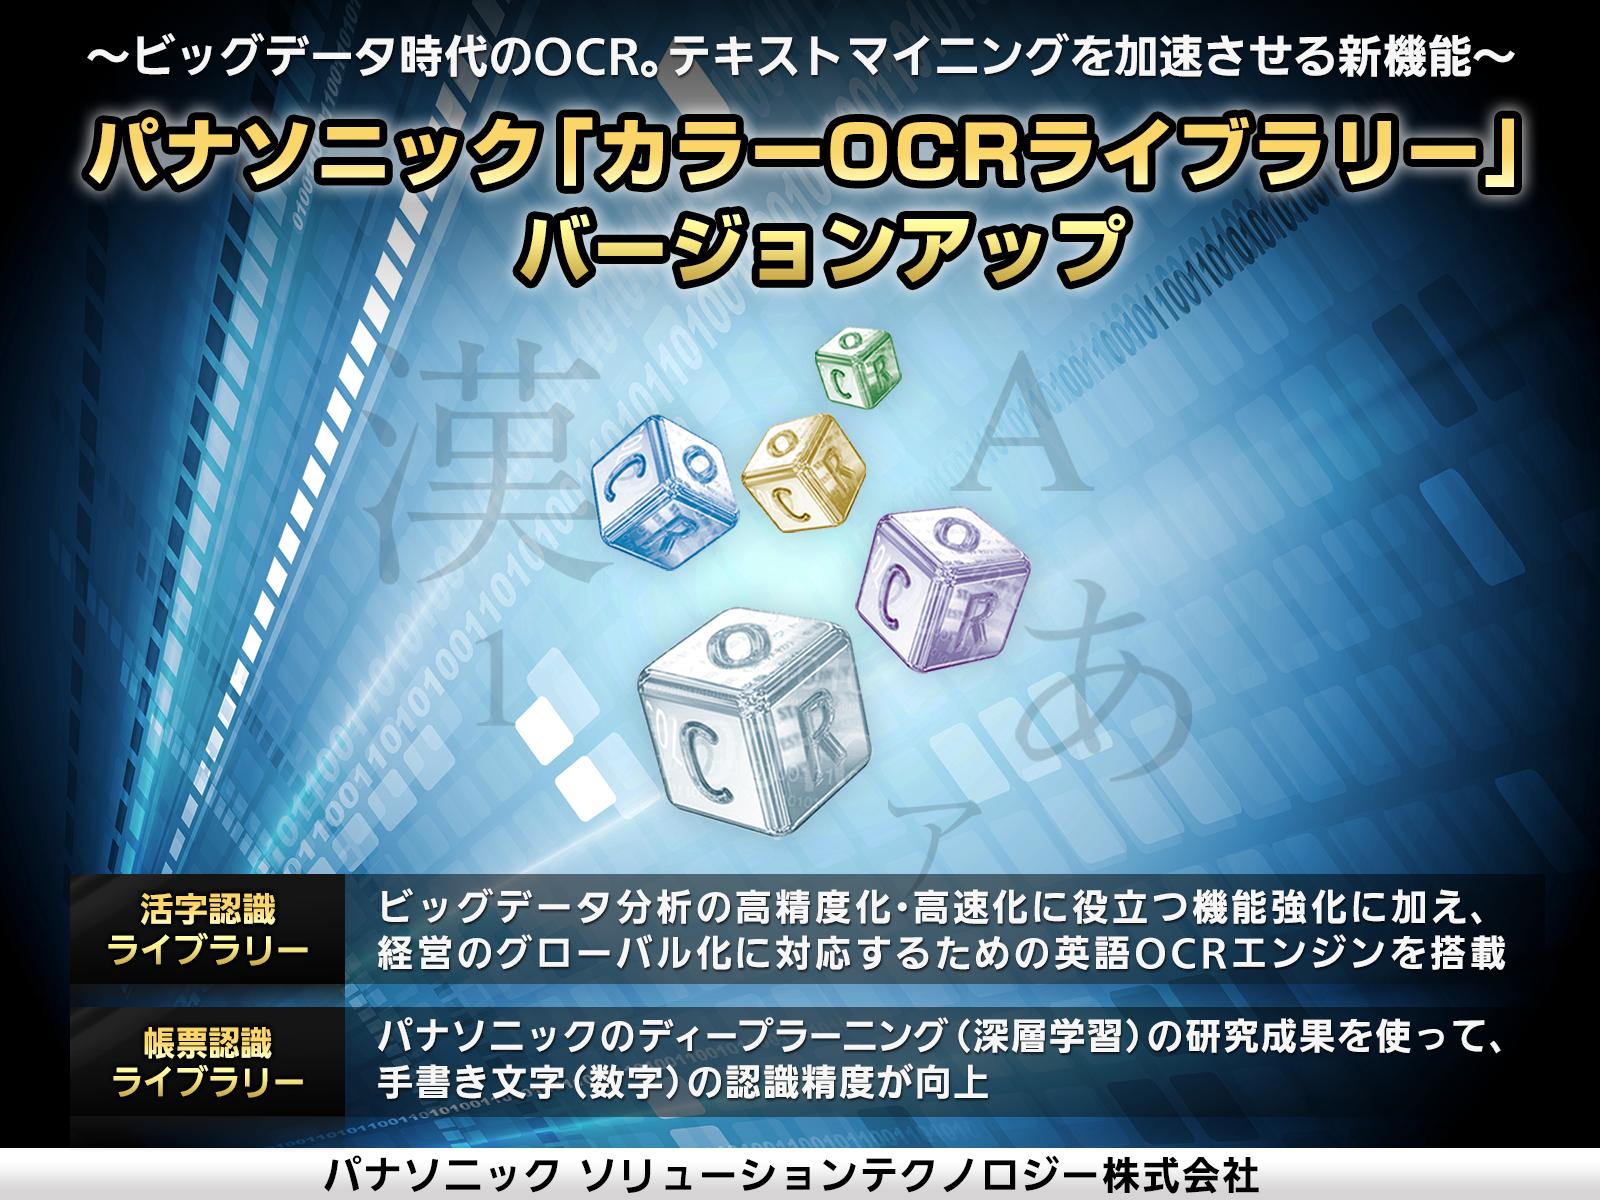 「活字認識ライブラリー Ver.15」、「帳票認識ライブラリー Ver.8」をバージョンアップ